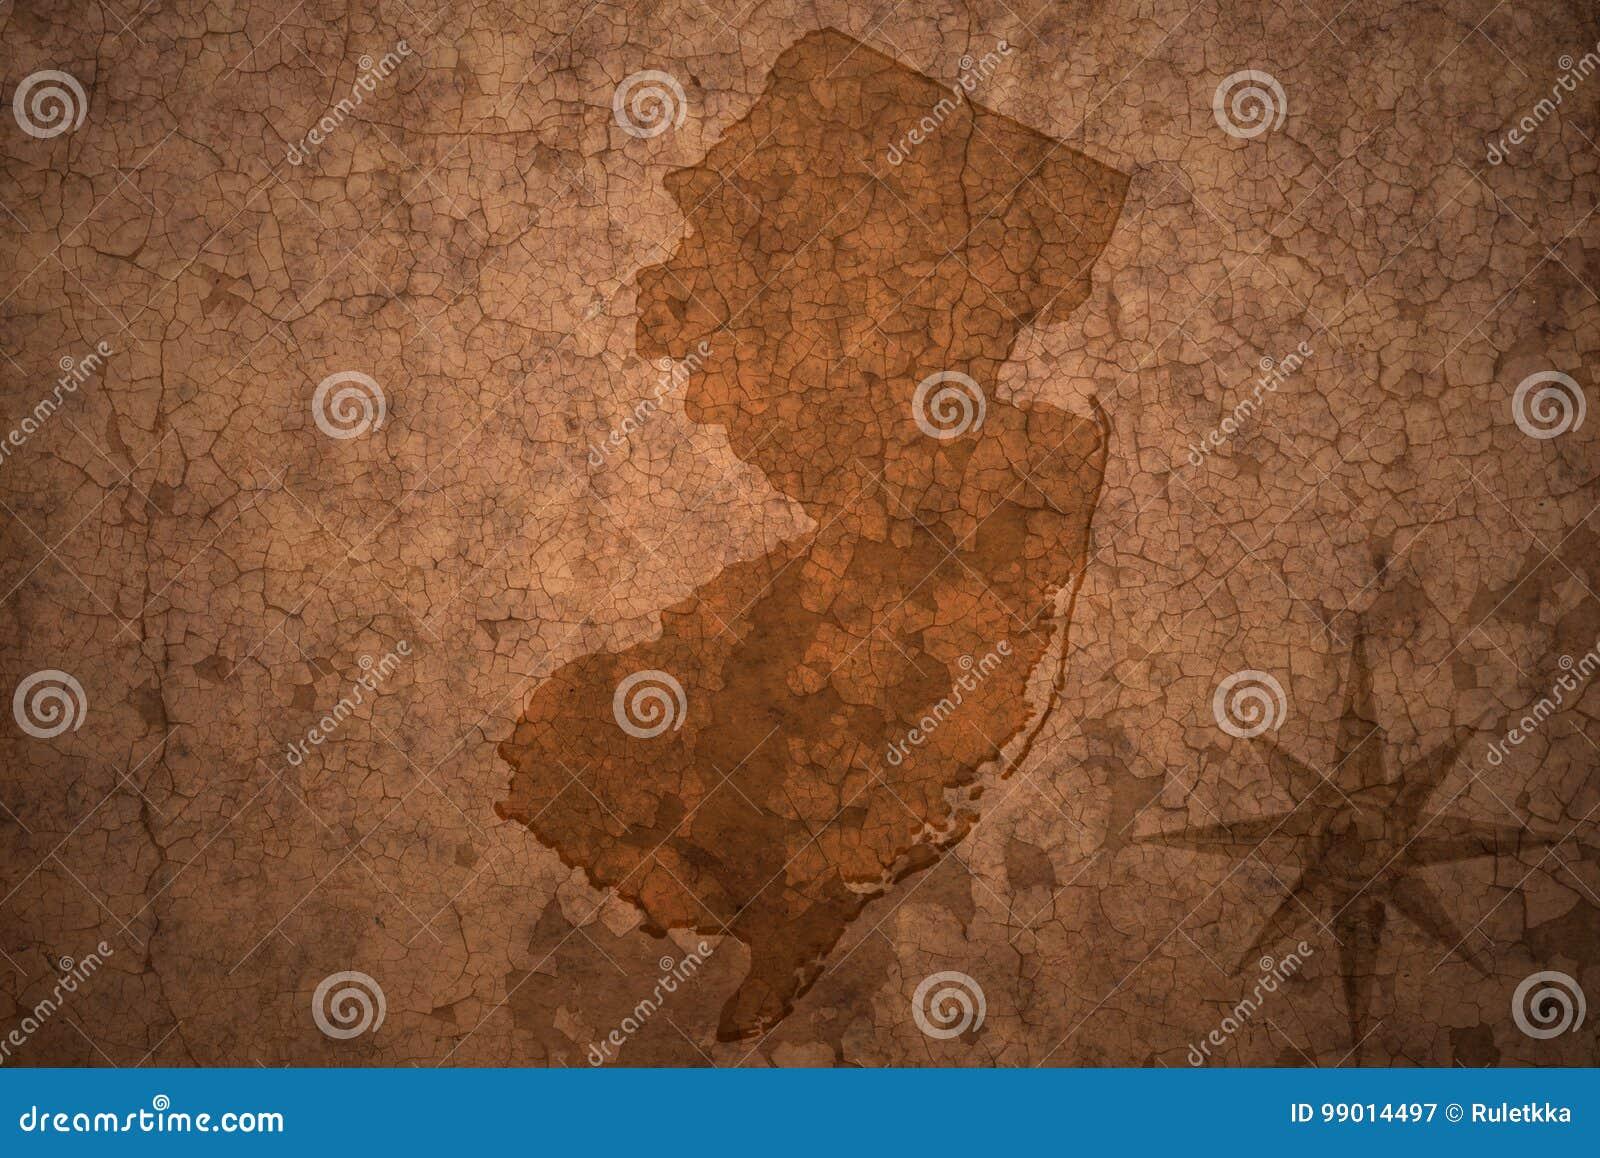 Карта положения Нью-Джерси на старой винтажной бумажной предпосылке